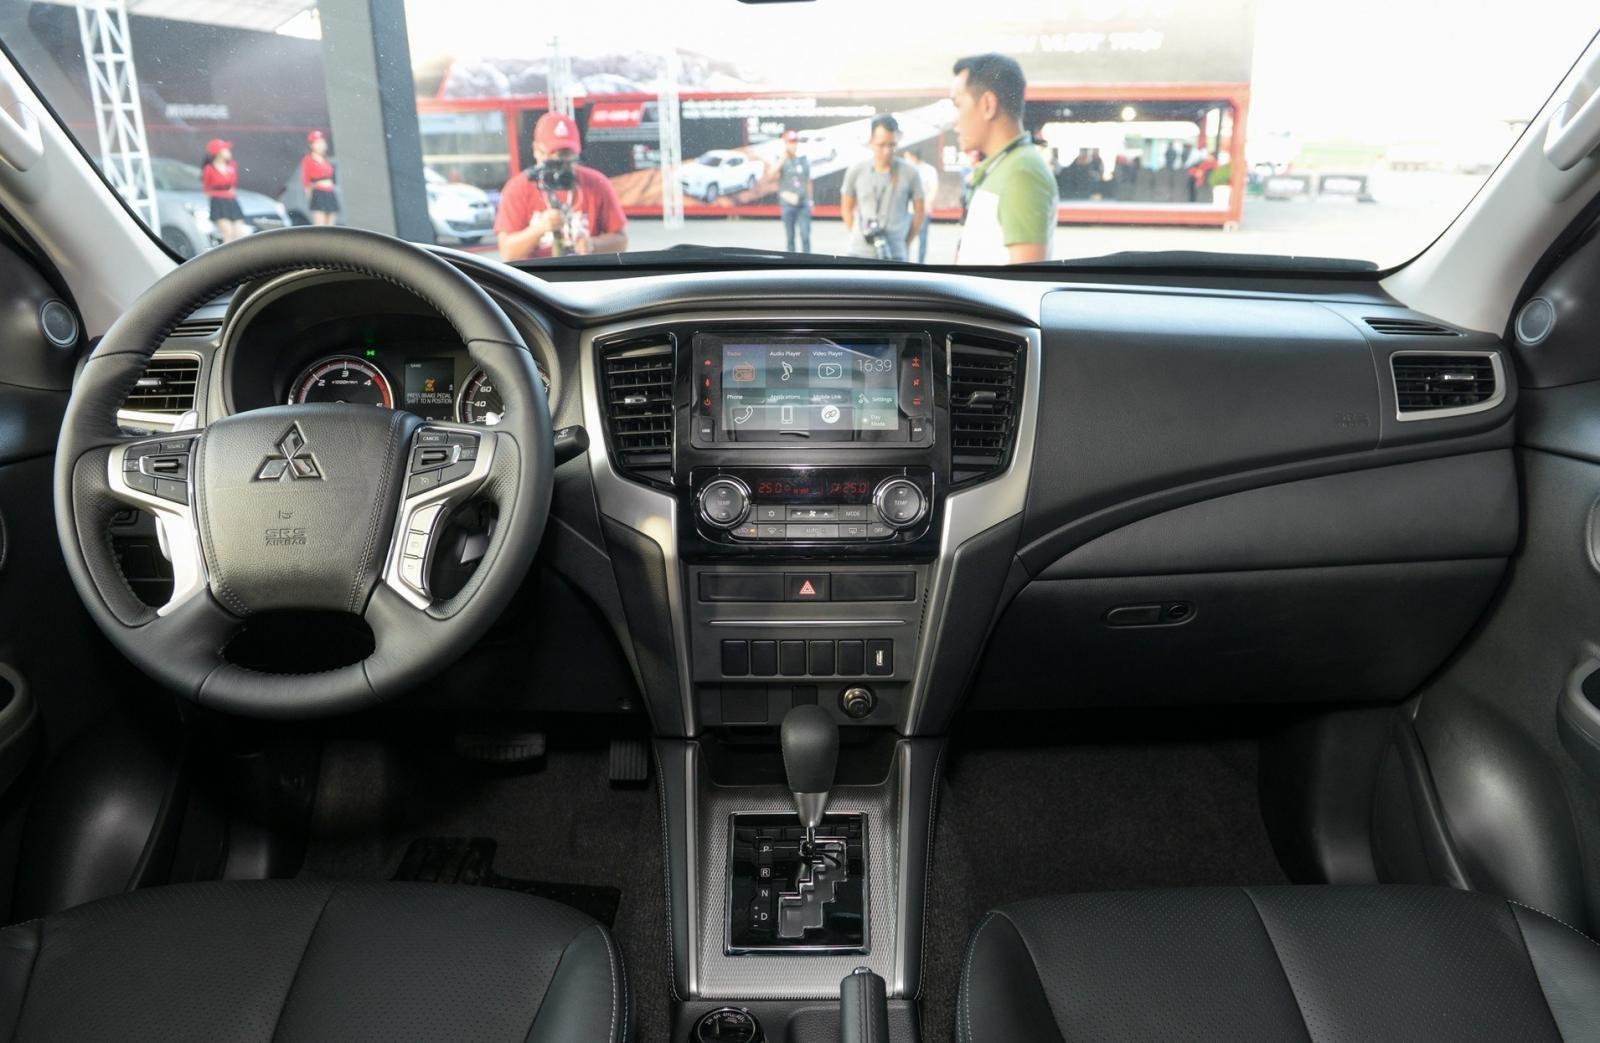 Mitsubishi Triton MIVEC 4x4 AT 2019 và Ford Ranger Wildtrak 4x4 AT 2018 về trang bị táp lô và vô lăng 3